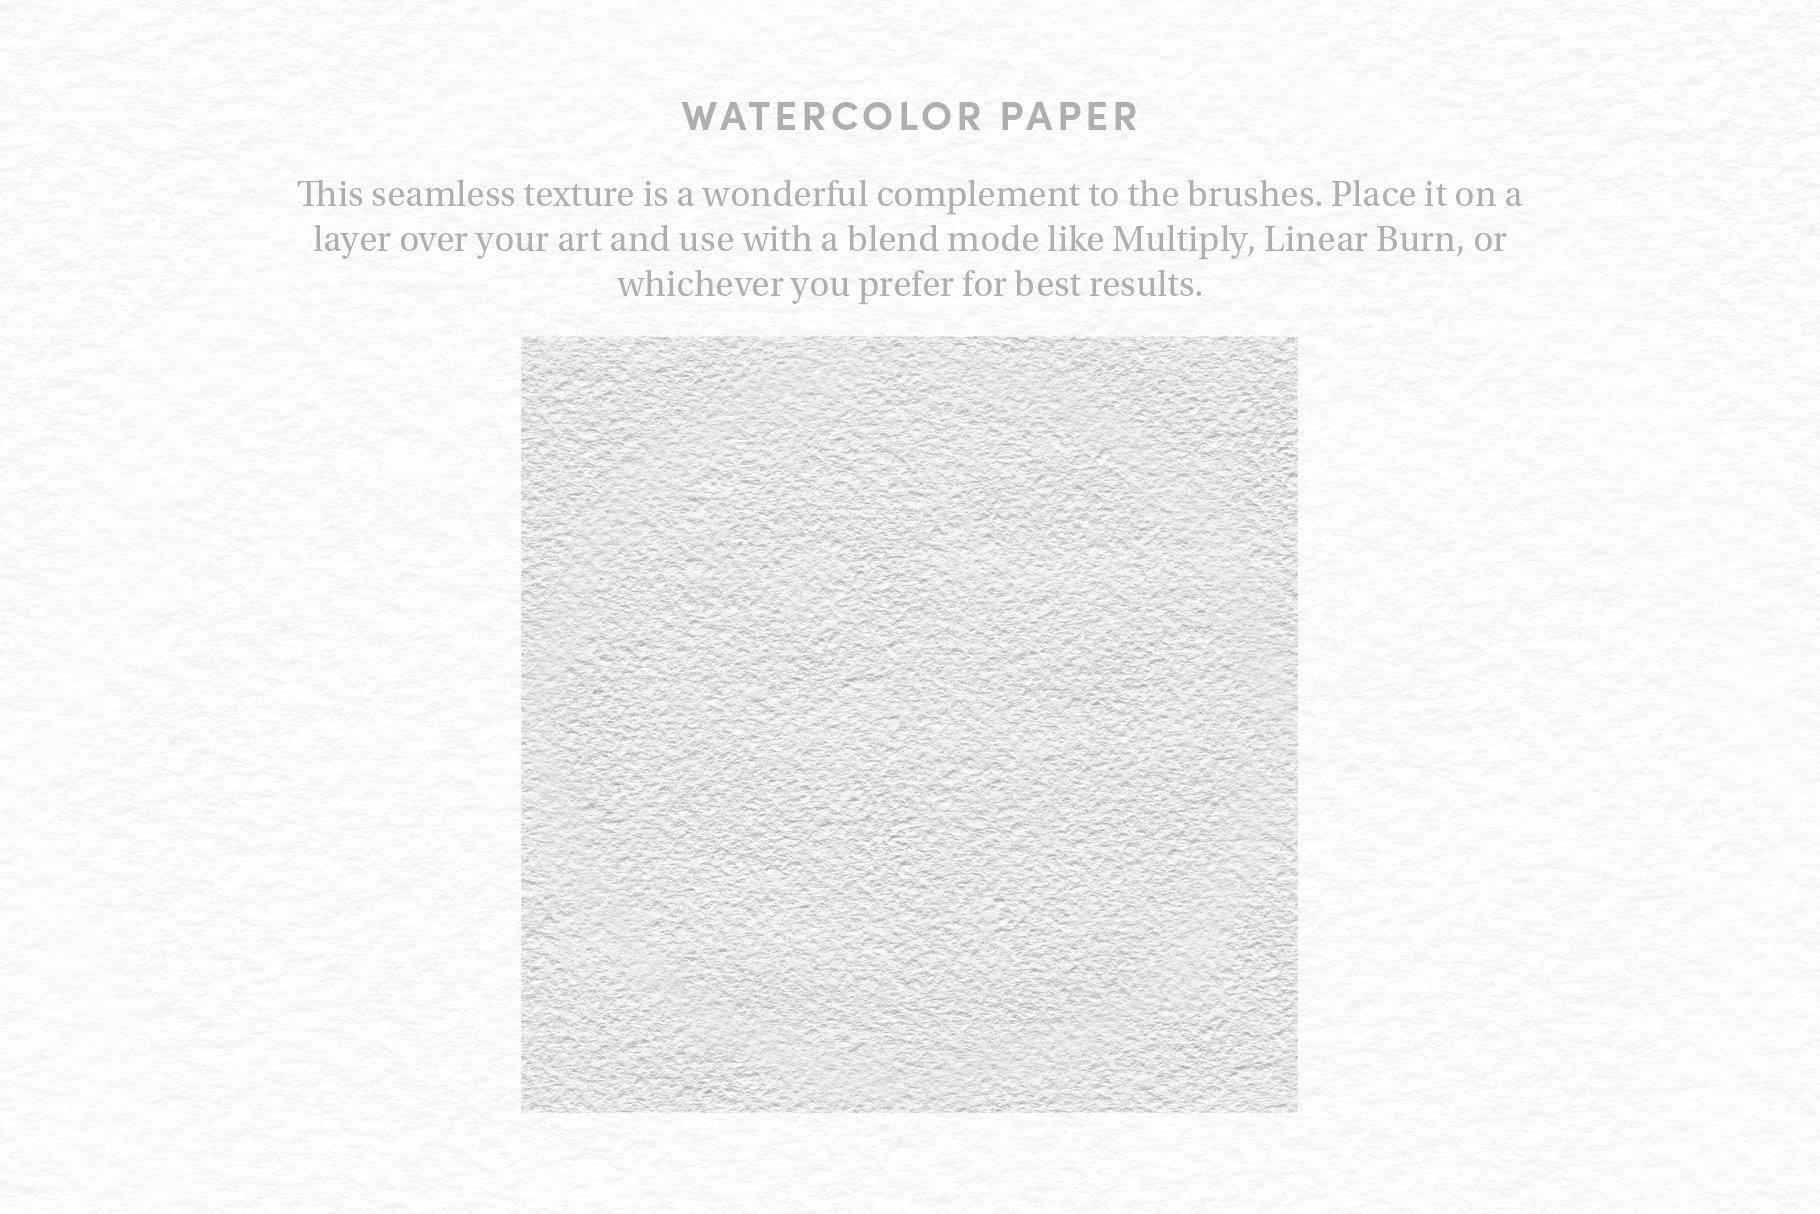 26款逼真水彩绘画纹理效果Procreate笔刷 Watercolor Kit – Procreate Brushes插图(10)